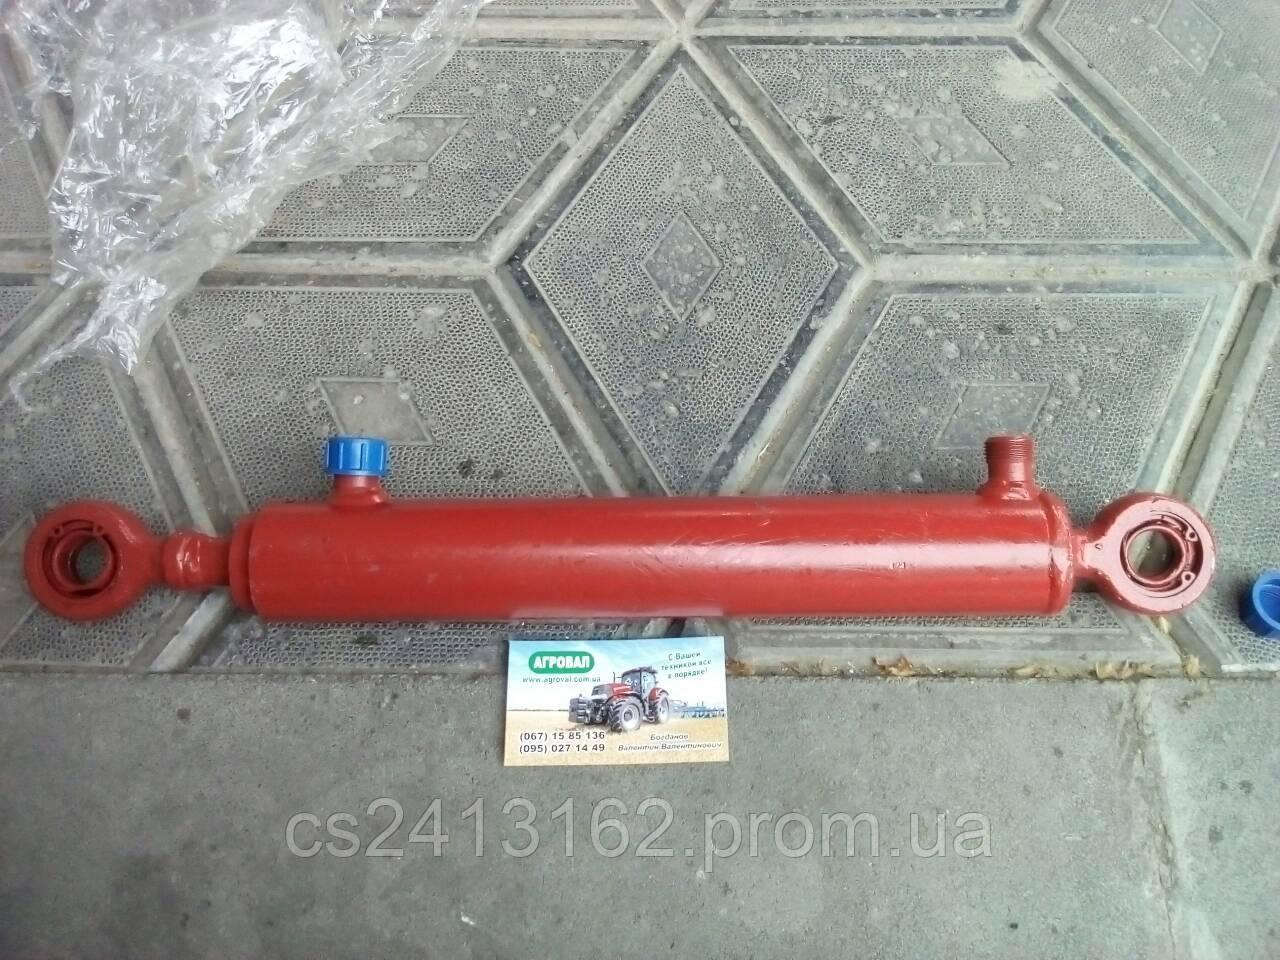 Гидроцилиндр подъема кузова ЦС-40-250-11 (Т-16,Т-25)